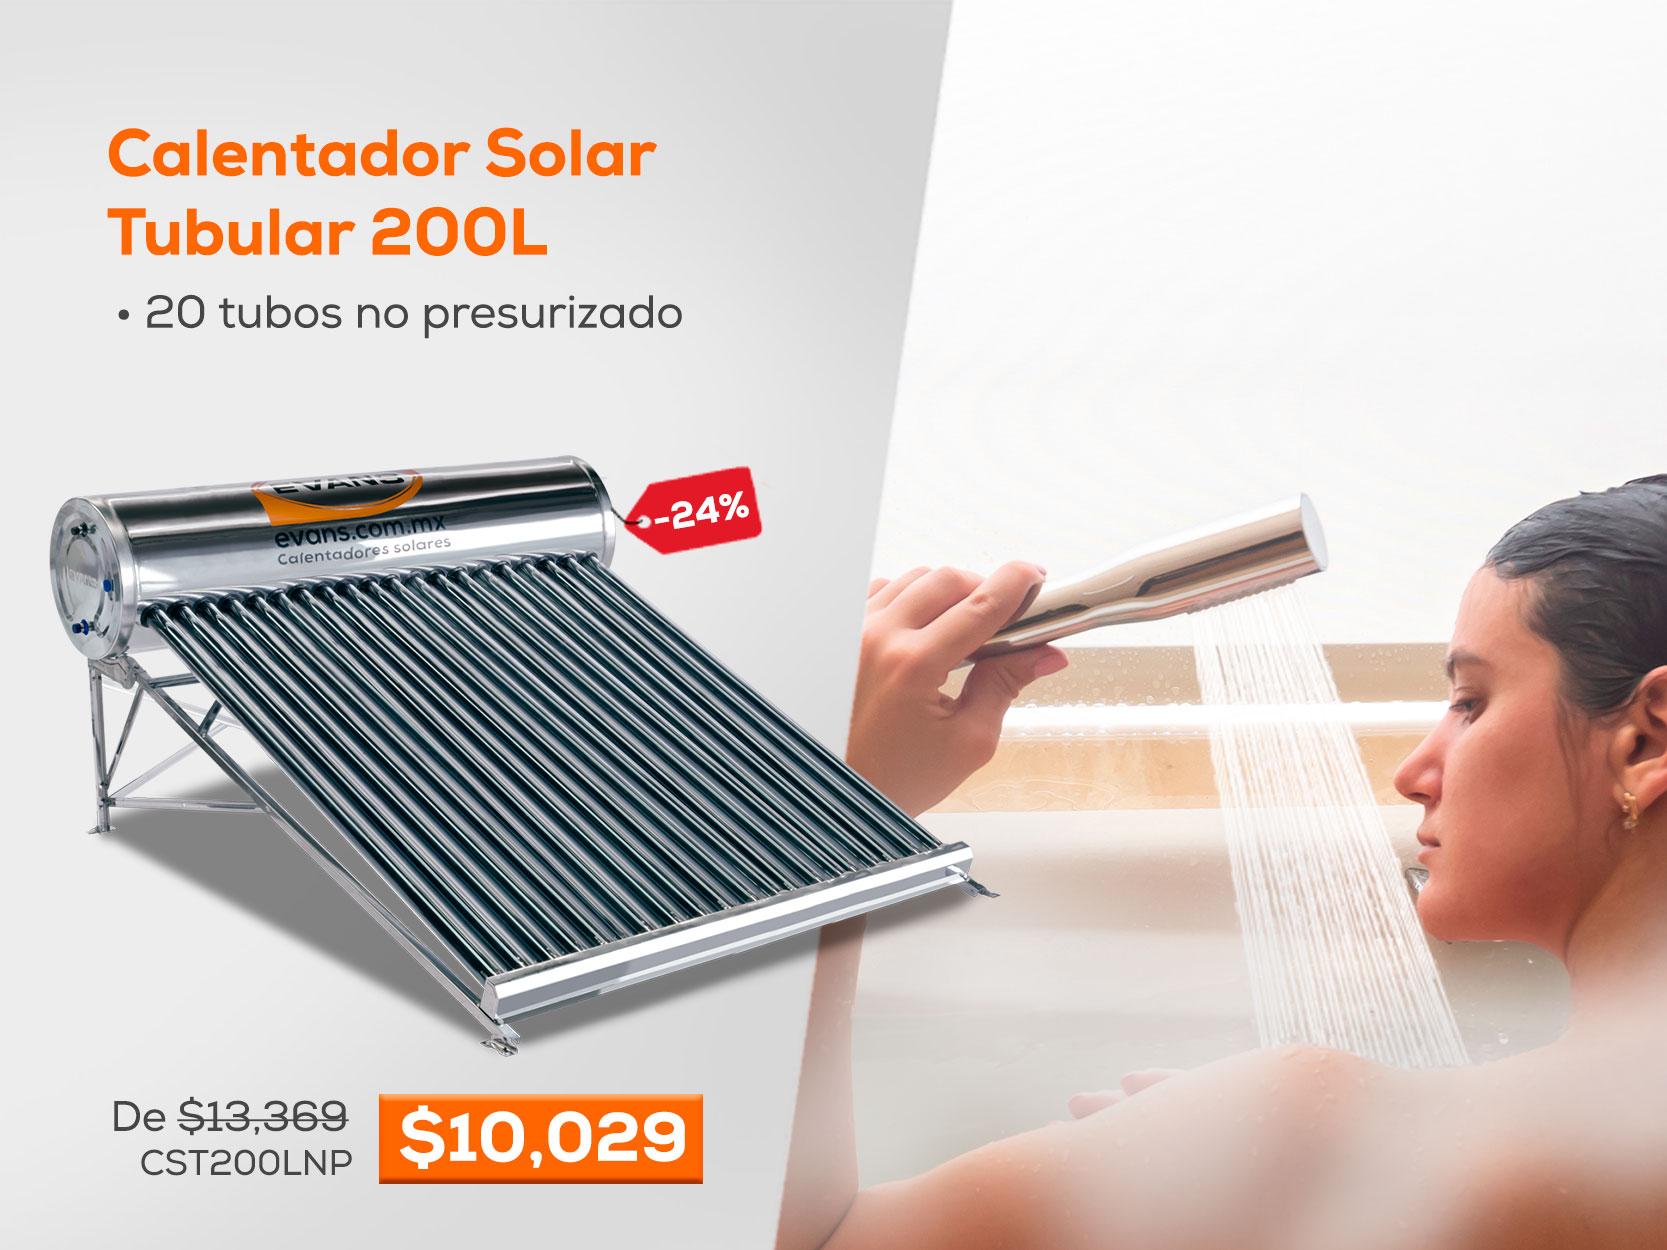 Calentador Solar Tubular